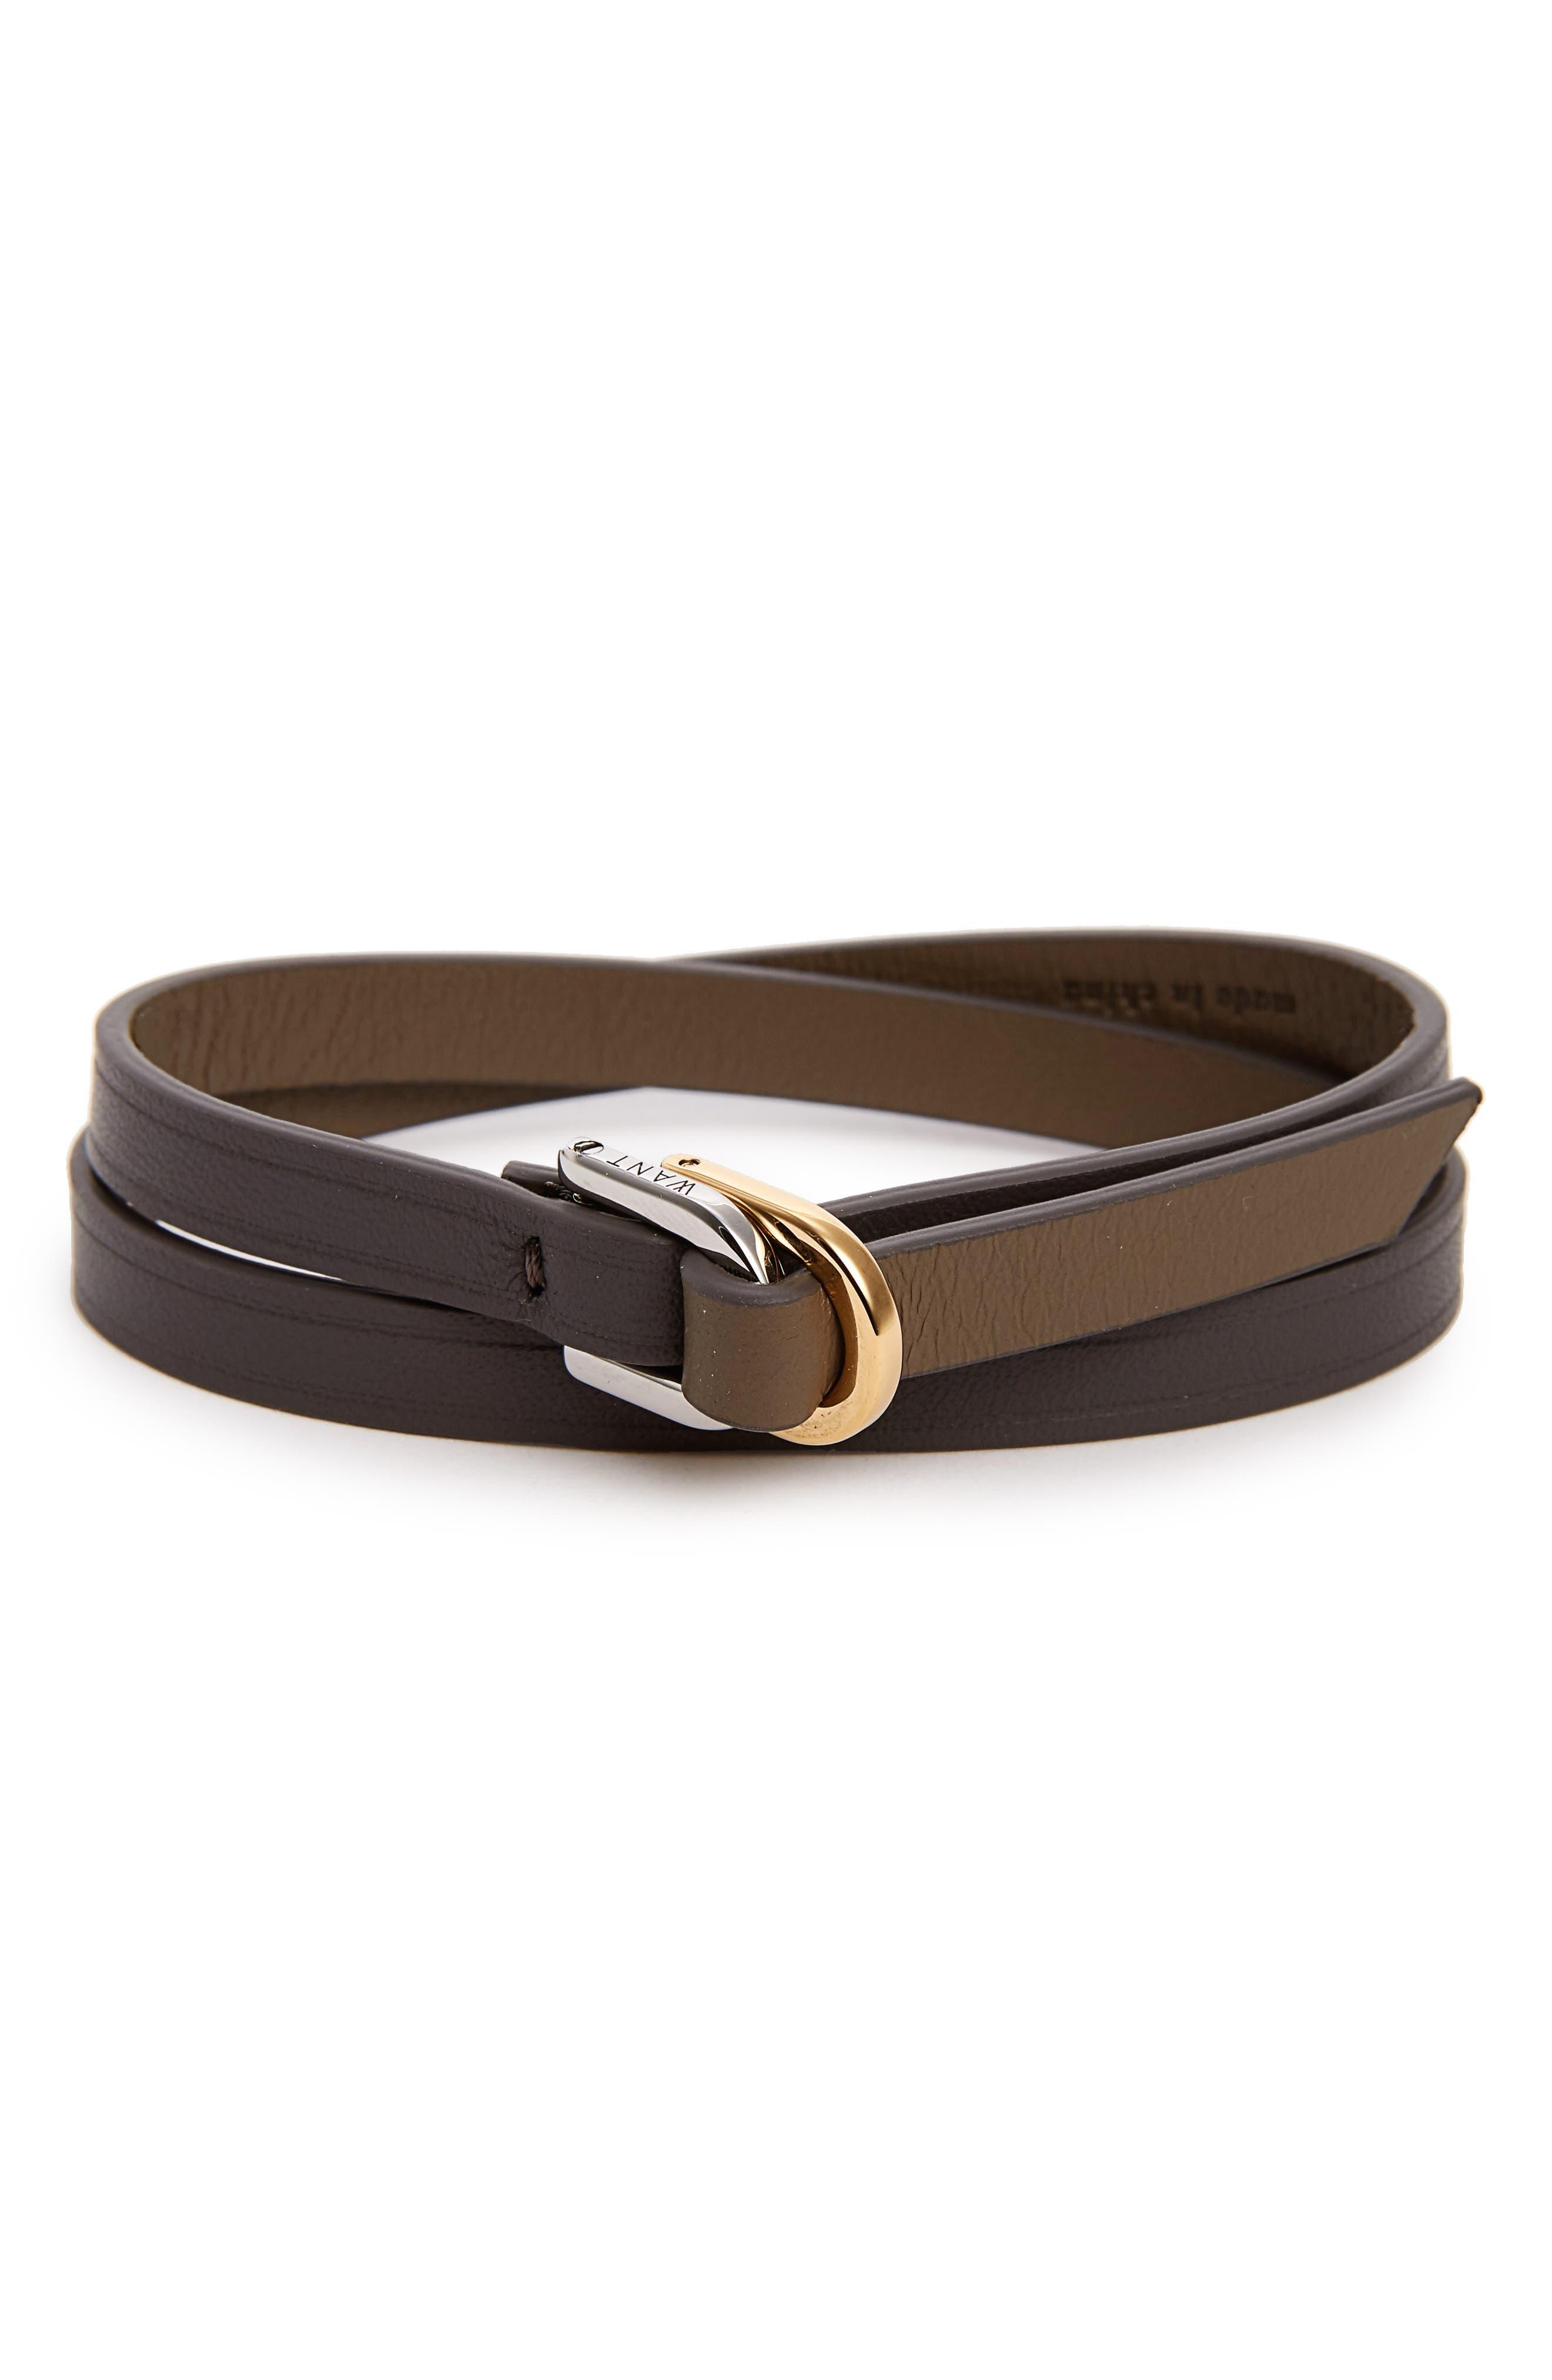 WANT Les Essentiels de la Vie 'Arlanda' Two-Tone Leather Wrap Bracelet